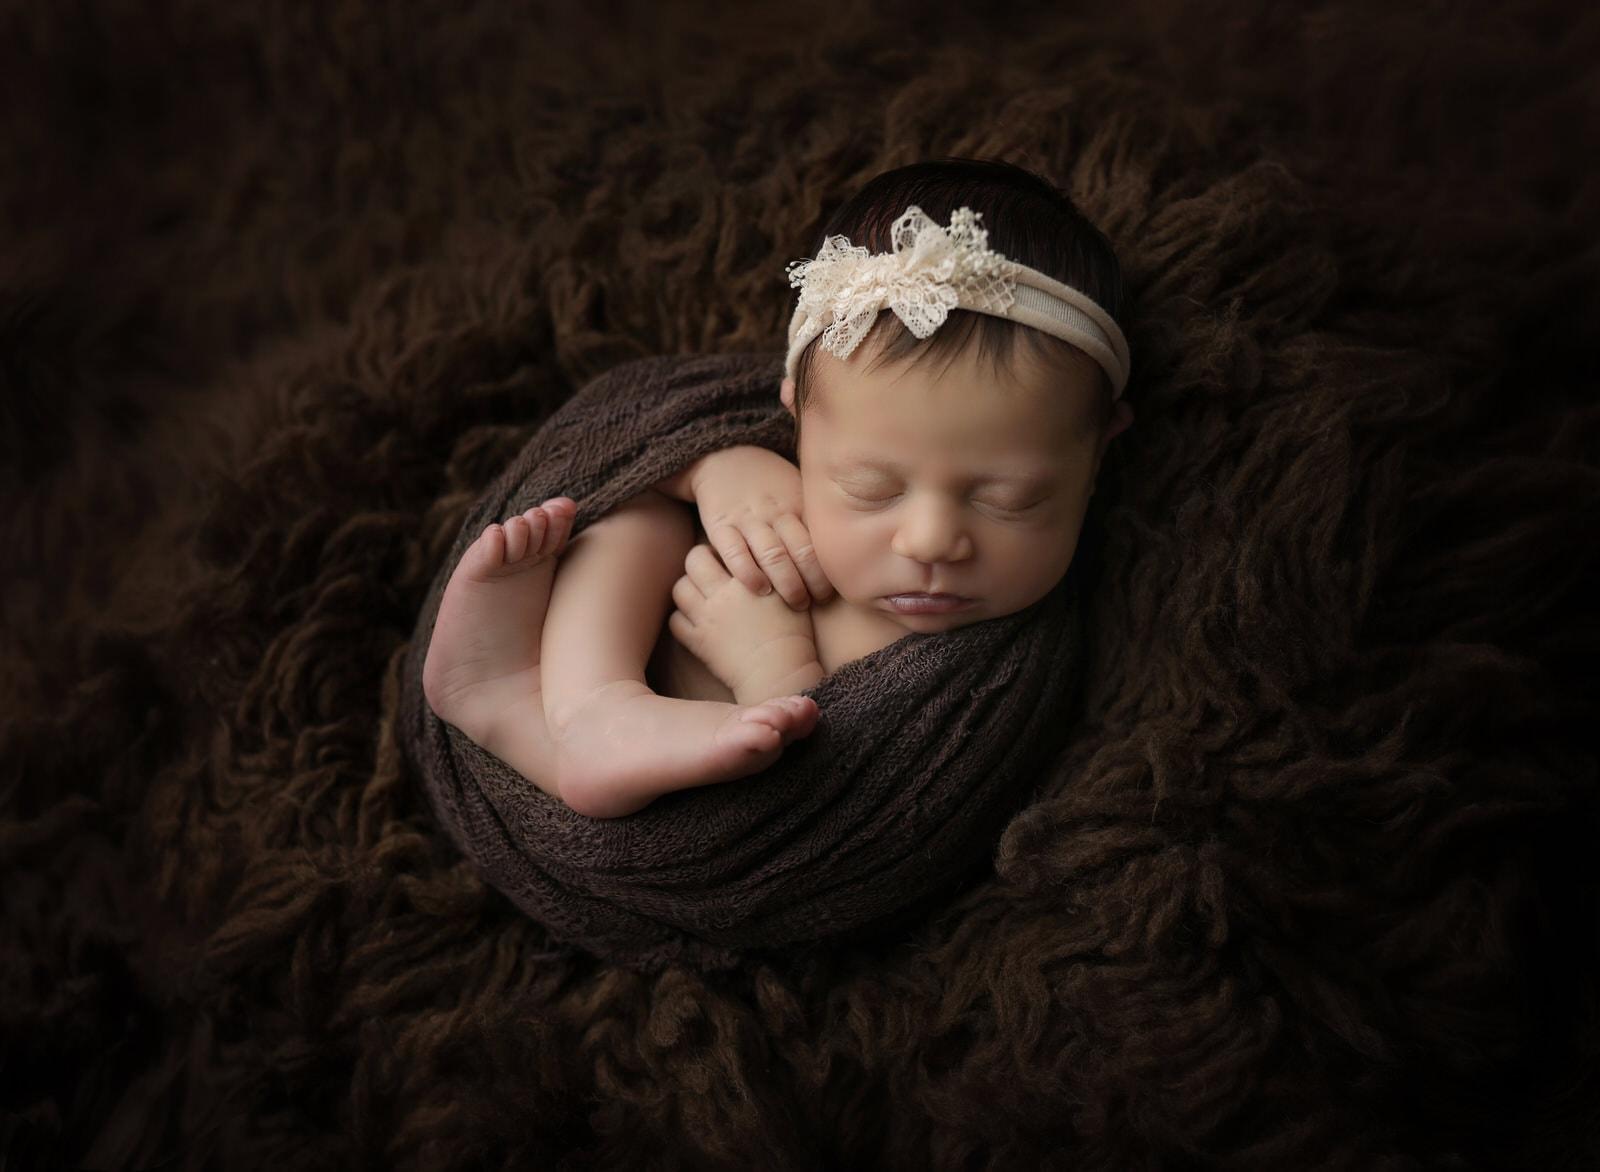 Karissa zimmer photography captures newborn girl on brown background near harrisburg pa